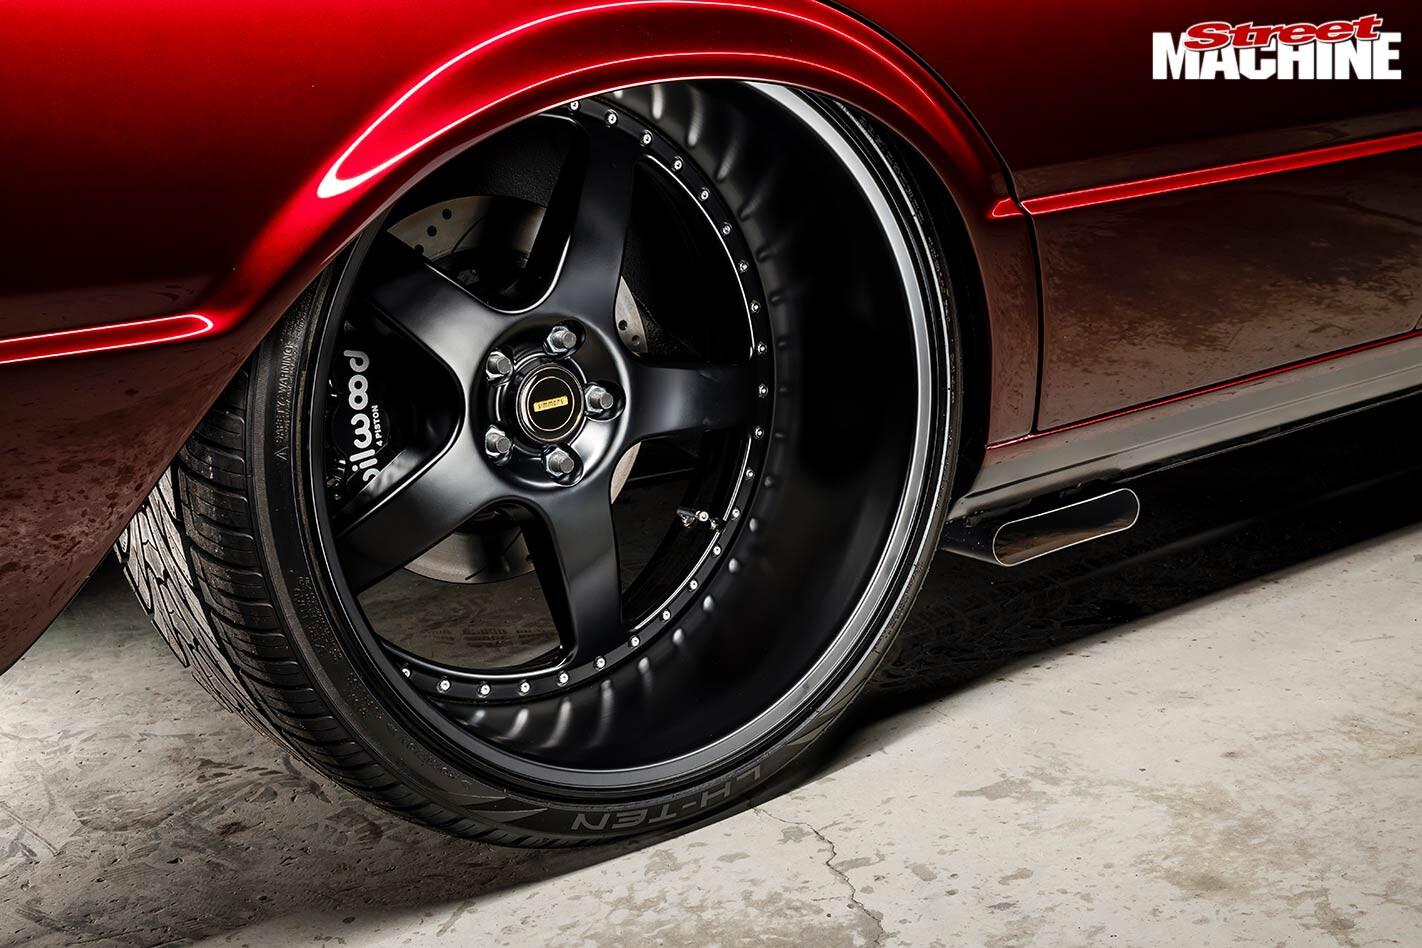 Ford XE Falcon wheel